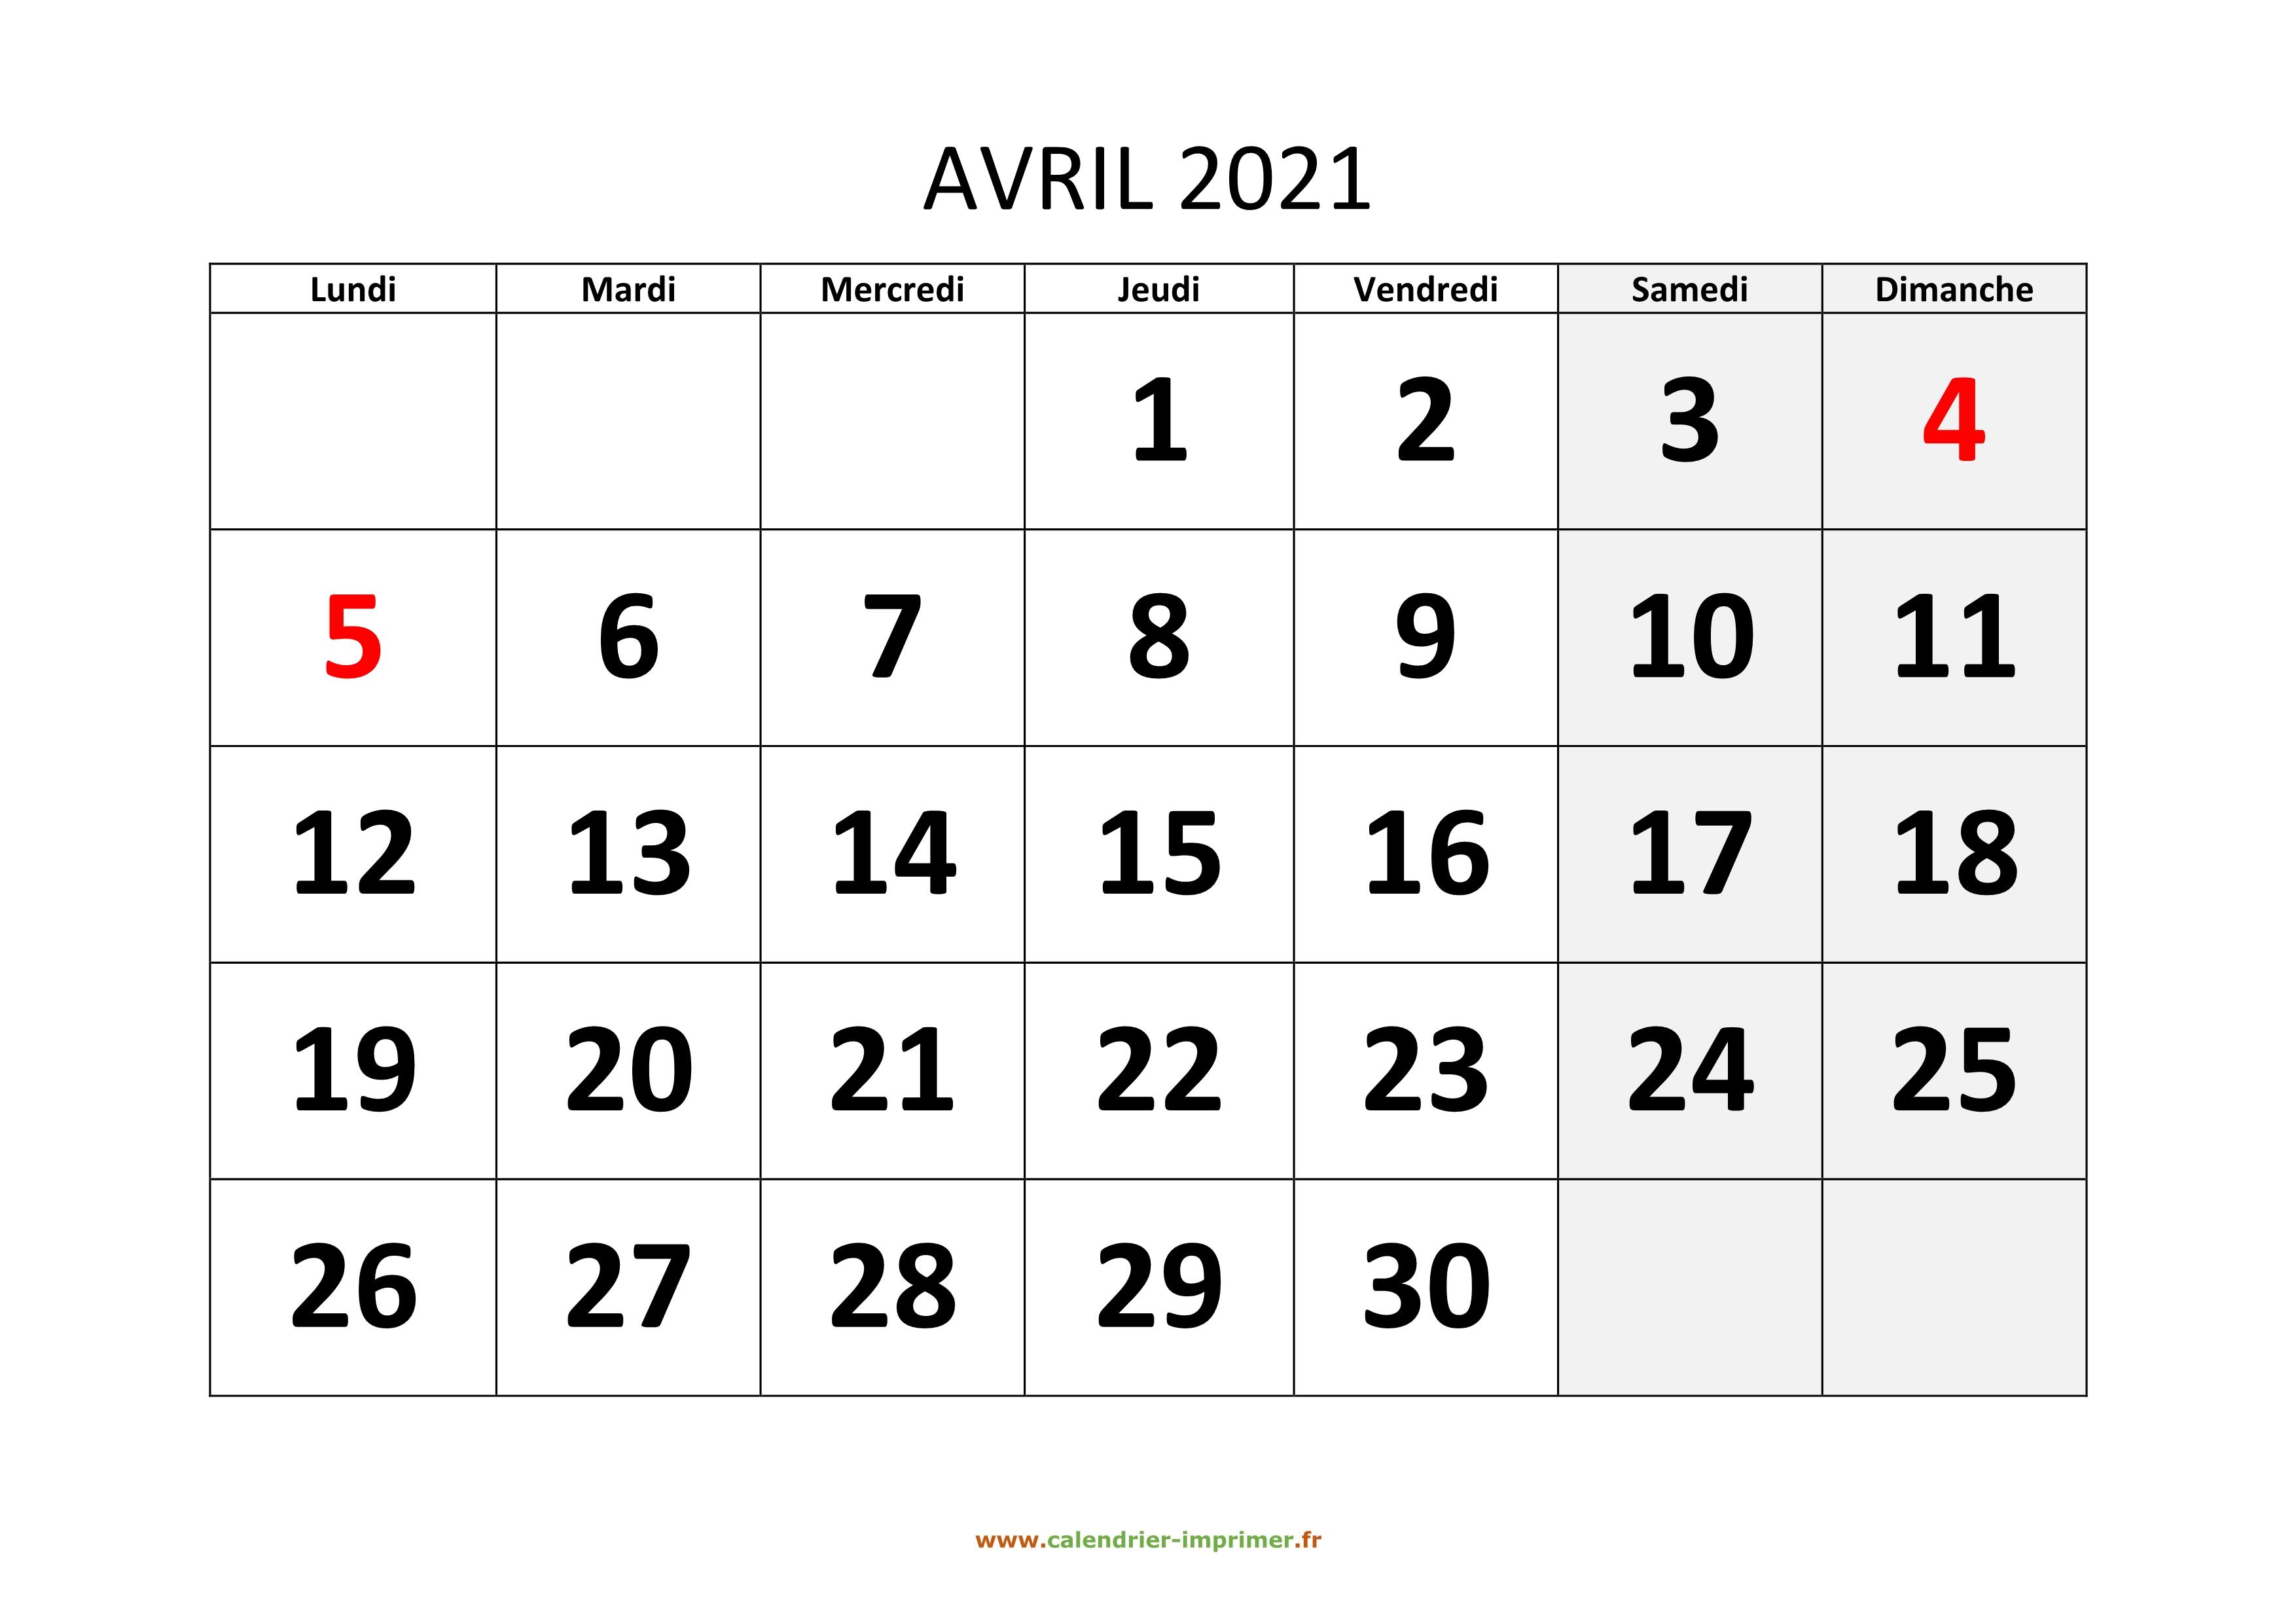 Calendrier Avril 2021 à Imprimer Gratuit Calendrier Avril 2021 à imprimer